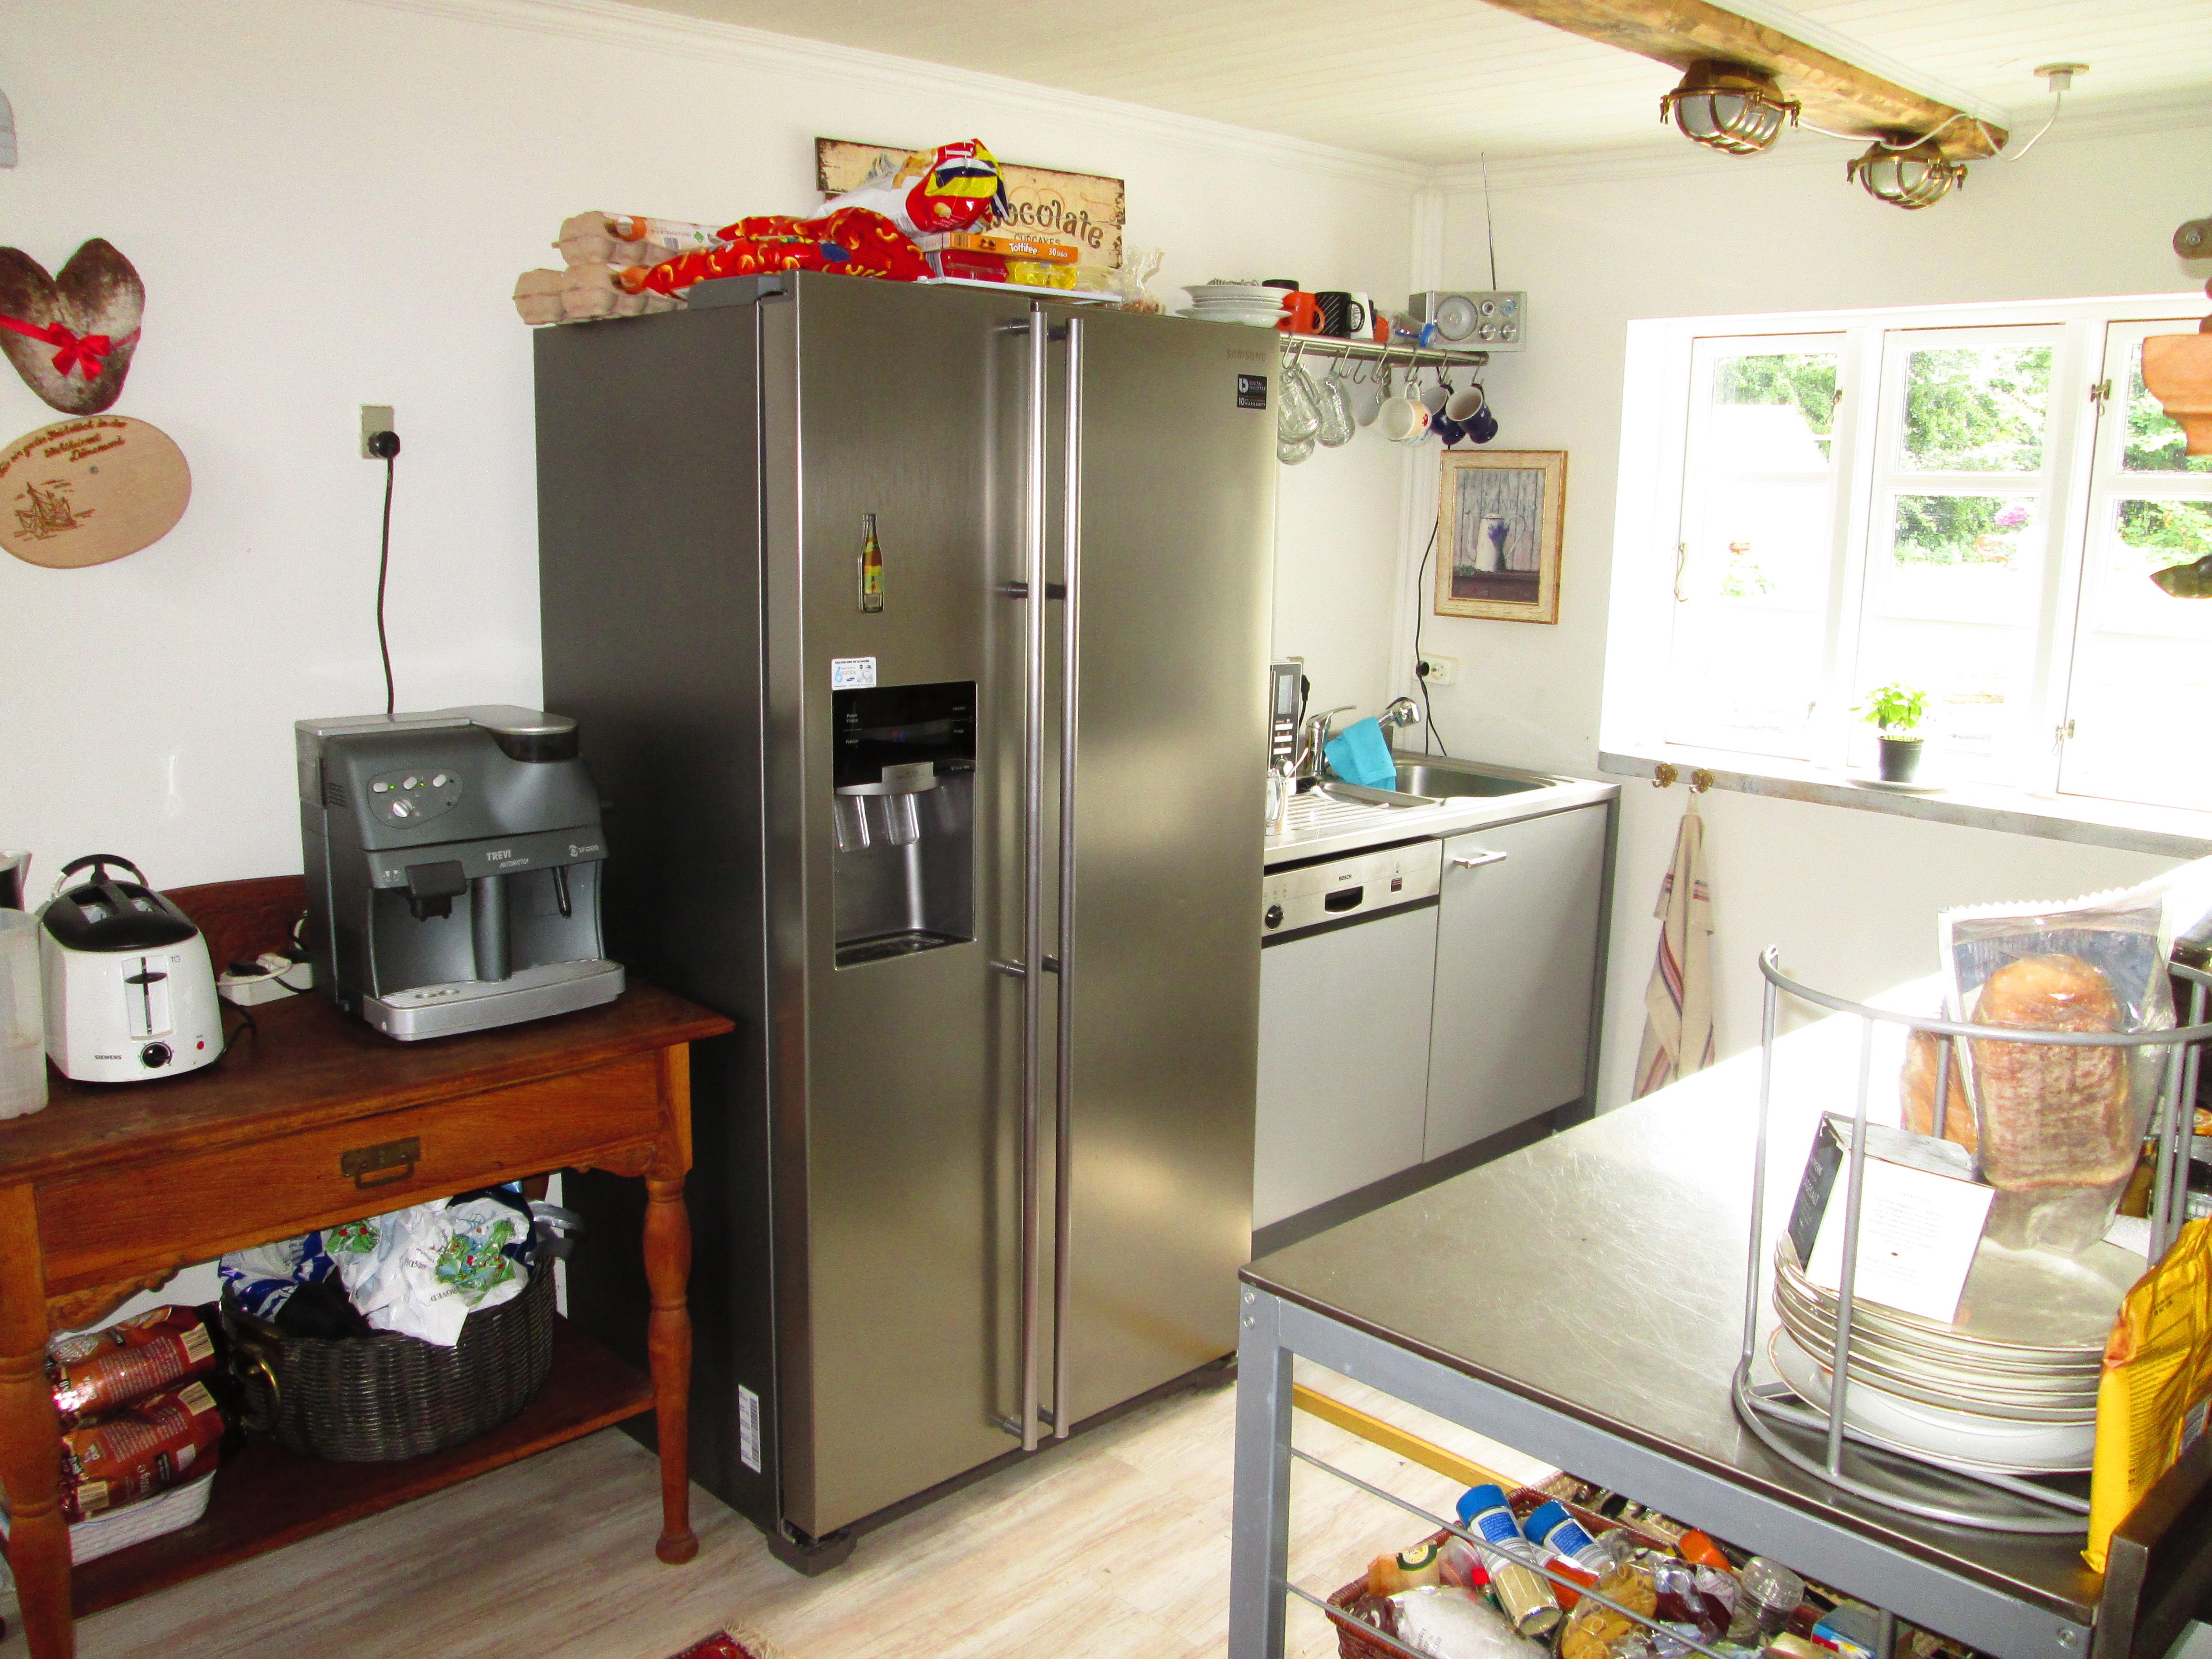 Beautiful kuche mit amerikanischem kuhlschrank ideas for Amerikanischer kühlschrank